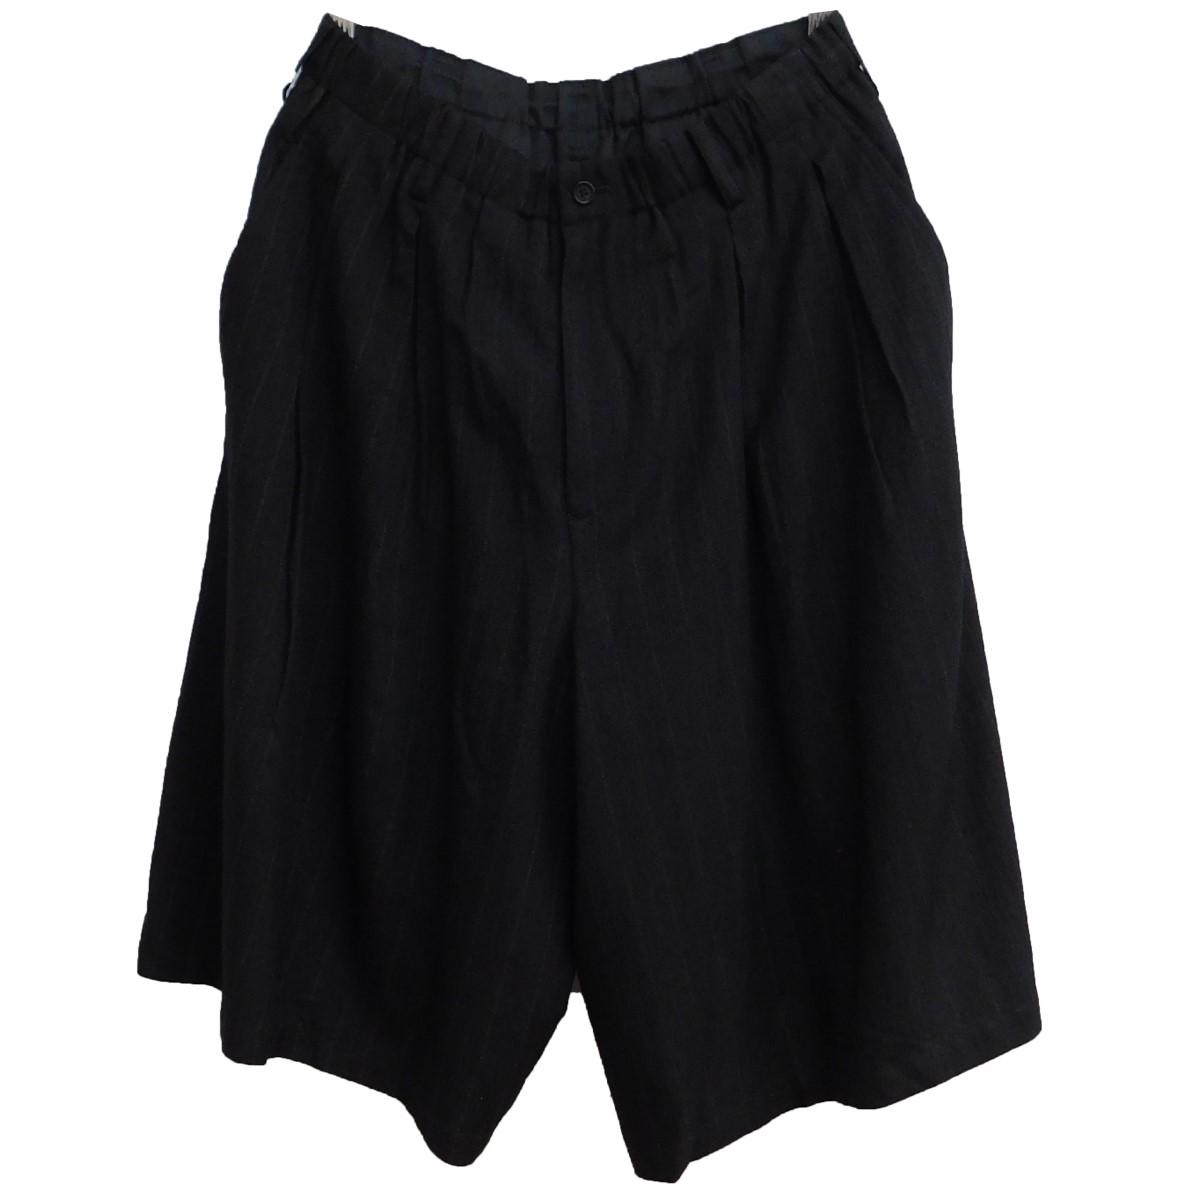 【中古】BLACK Scandal YOHJI YAMAMOTO 2020SS tuck Half Pants ストライプ柄ハーフパンツ ブラック サイズ:2 【140920】(ブラックスキャンダル ヨウジヤマモト)